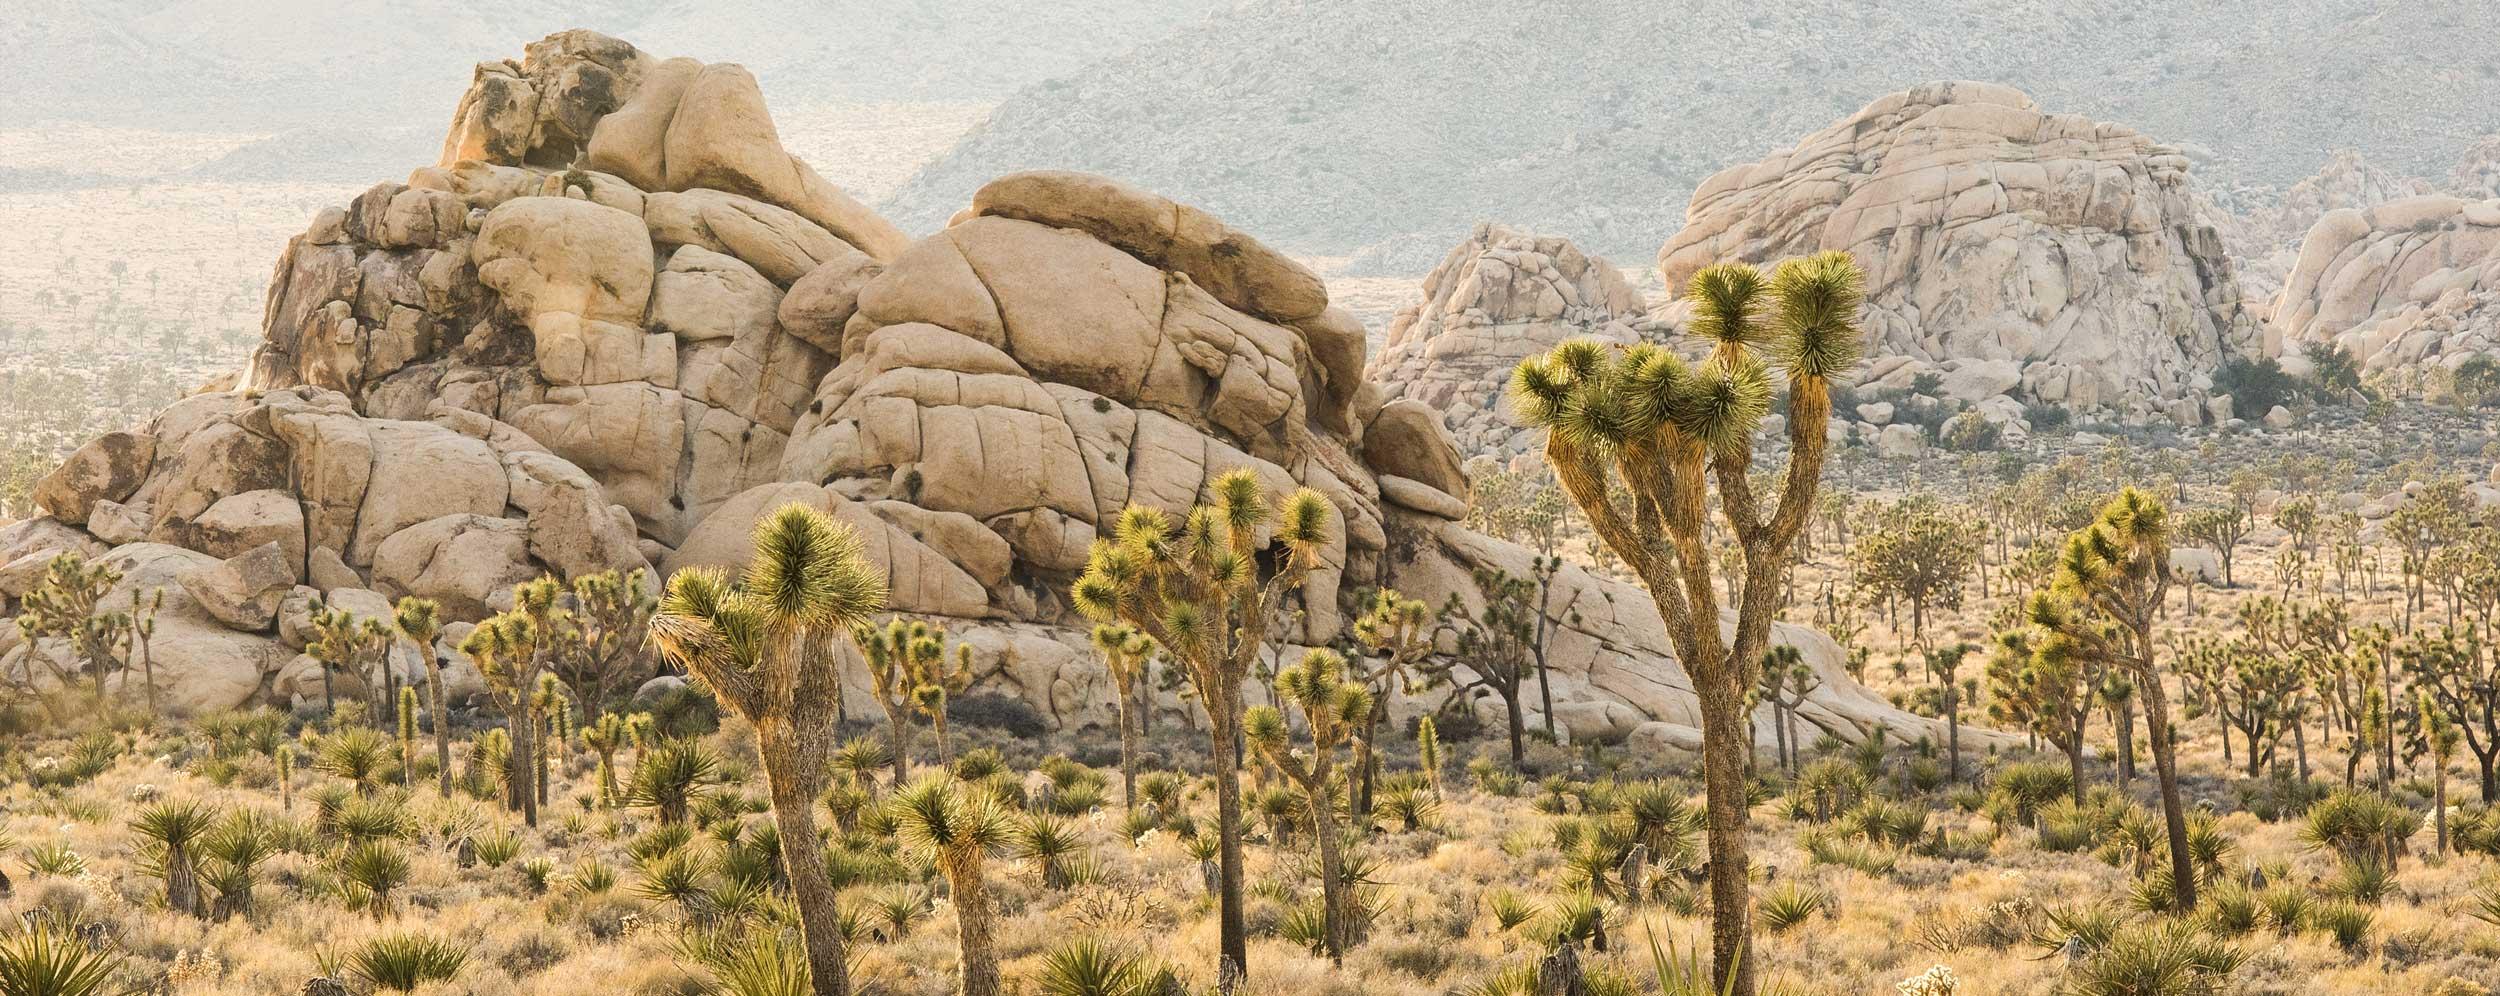 central-joshua-tree-desert2-casaplutonia.jpg